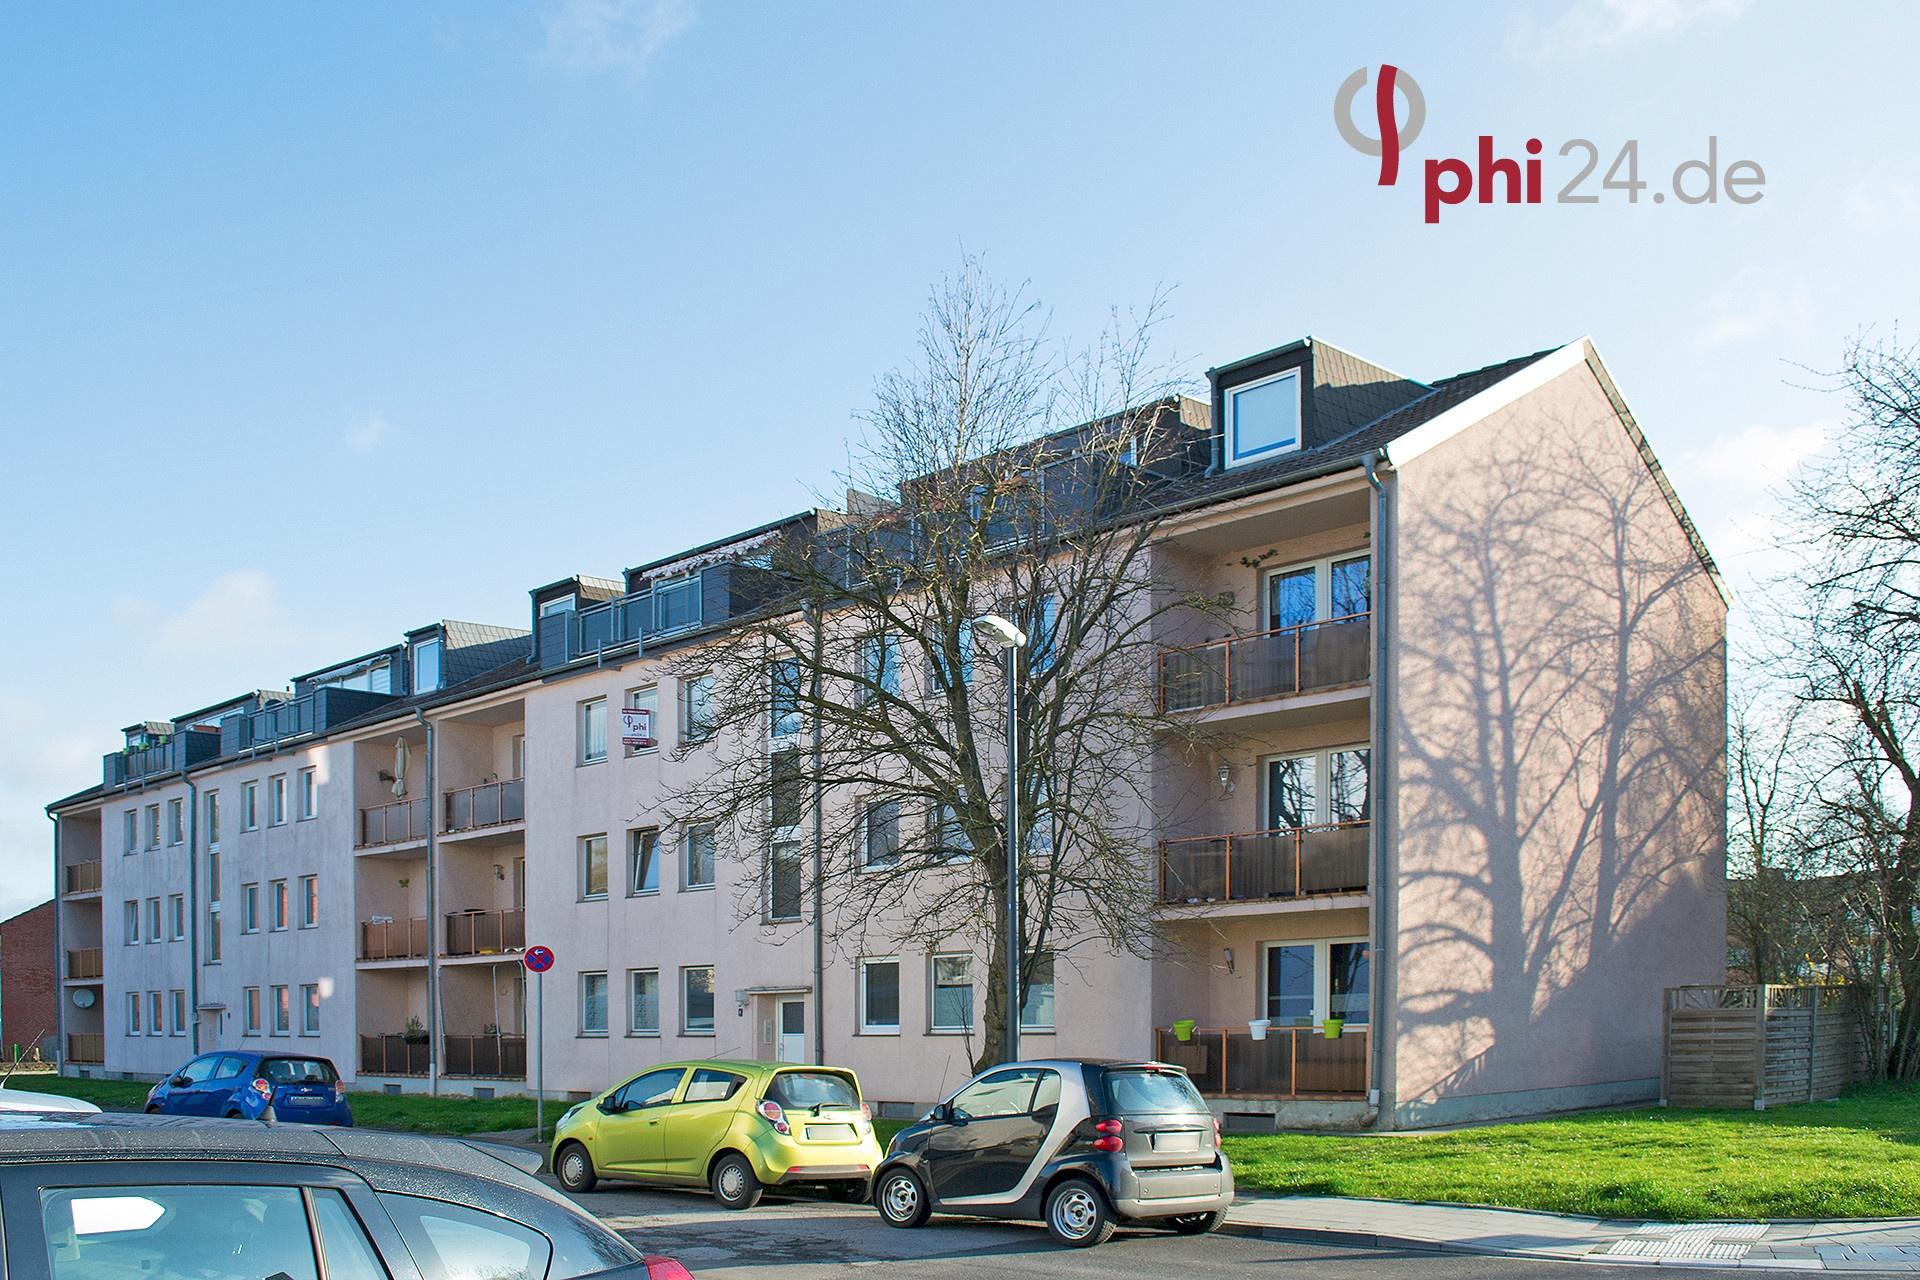 Immobilienmakler Eschweiler Etagenwohnung referenzen mit Immobilienbewertung